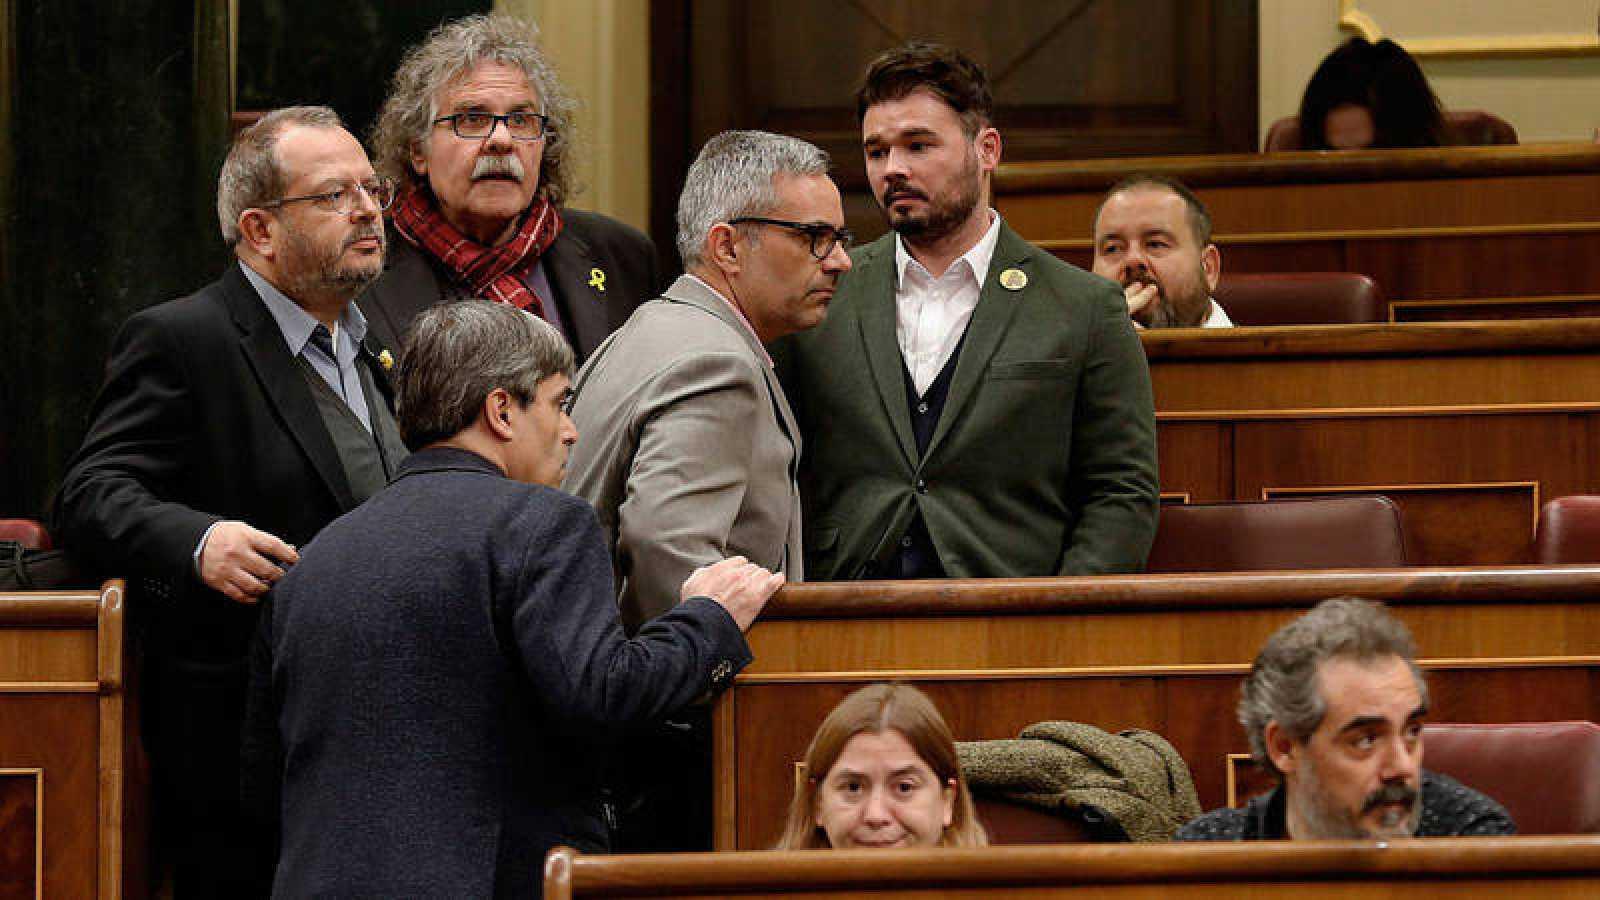 Los diputados de ERC, (de izda a dcha) Joan Olòriz, Joan Tardá, Joan Margall y Gabriel Rufián, a su llegada al pleno del debate de las enmiendas a la totalidad del proyecto de Presupuestos Generales del Estado el pasado martes en el Congreso